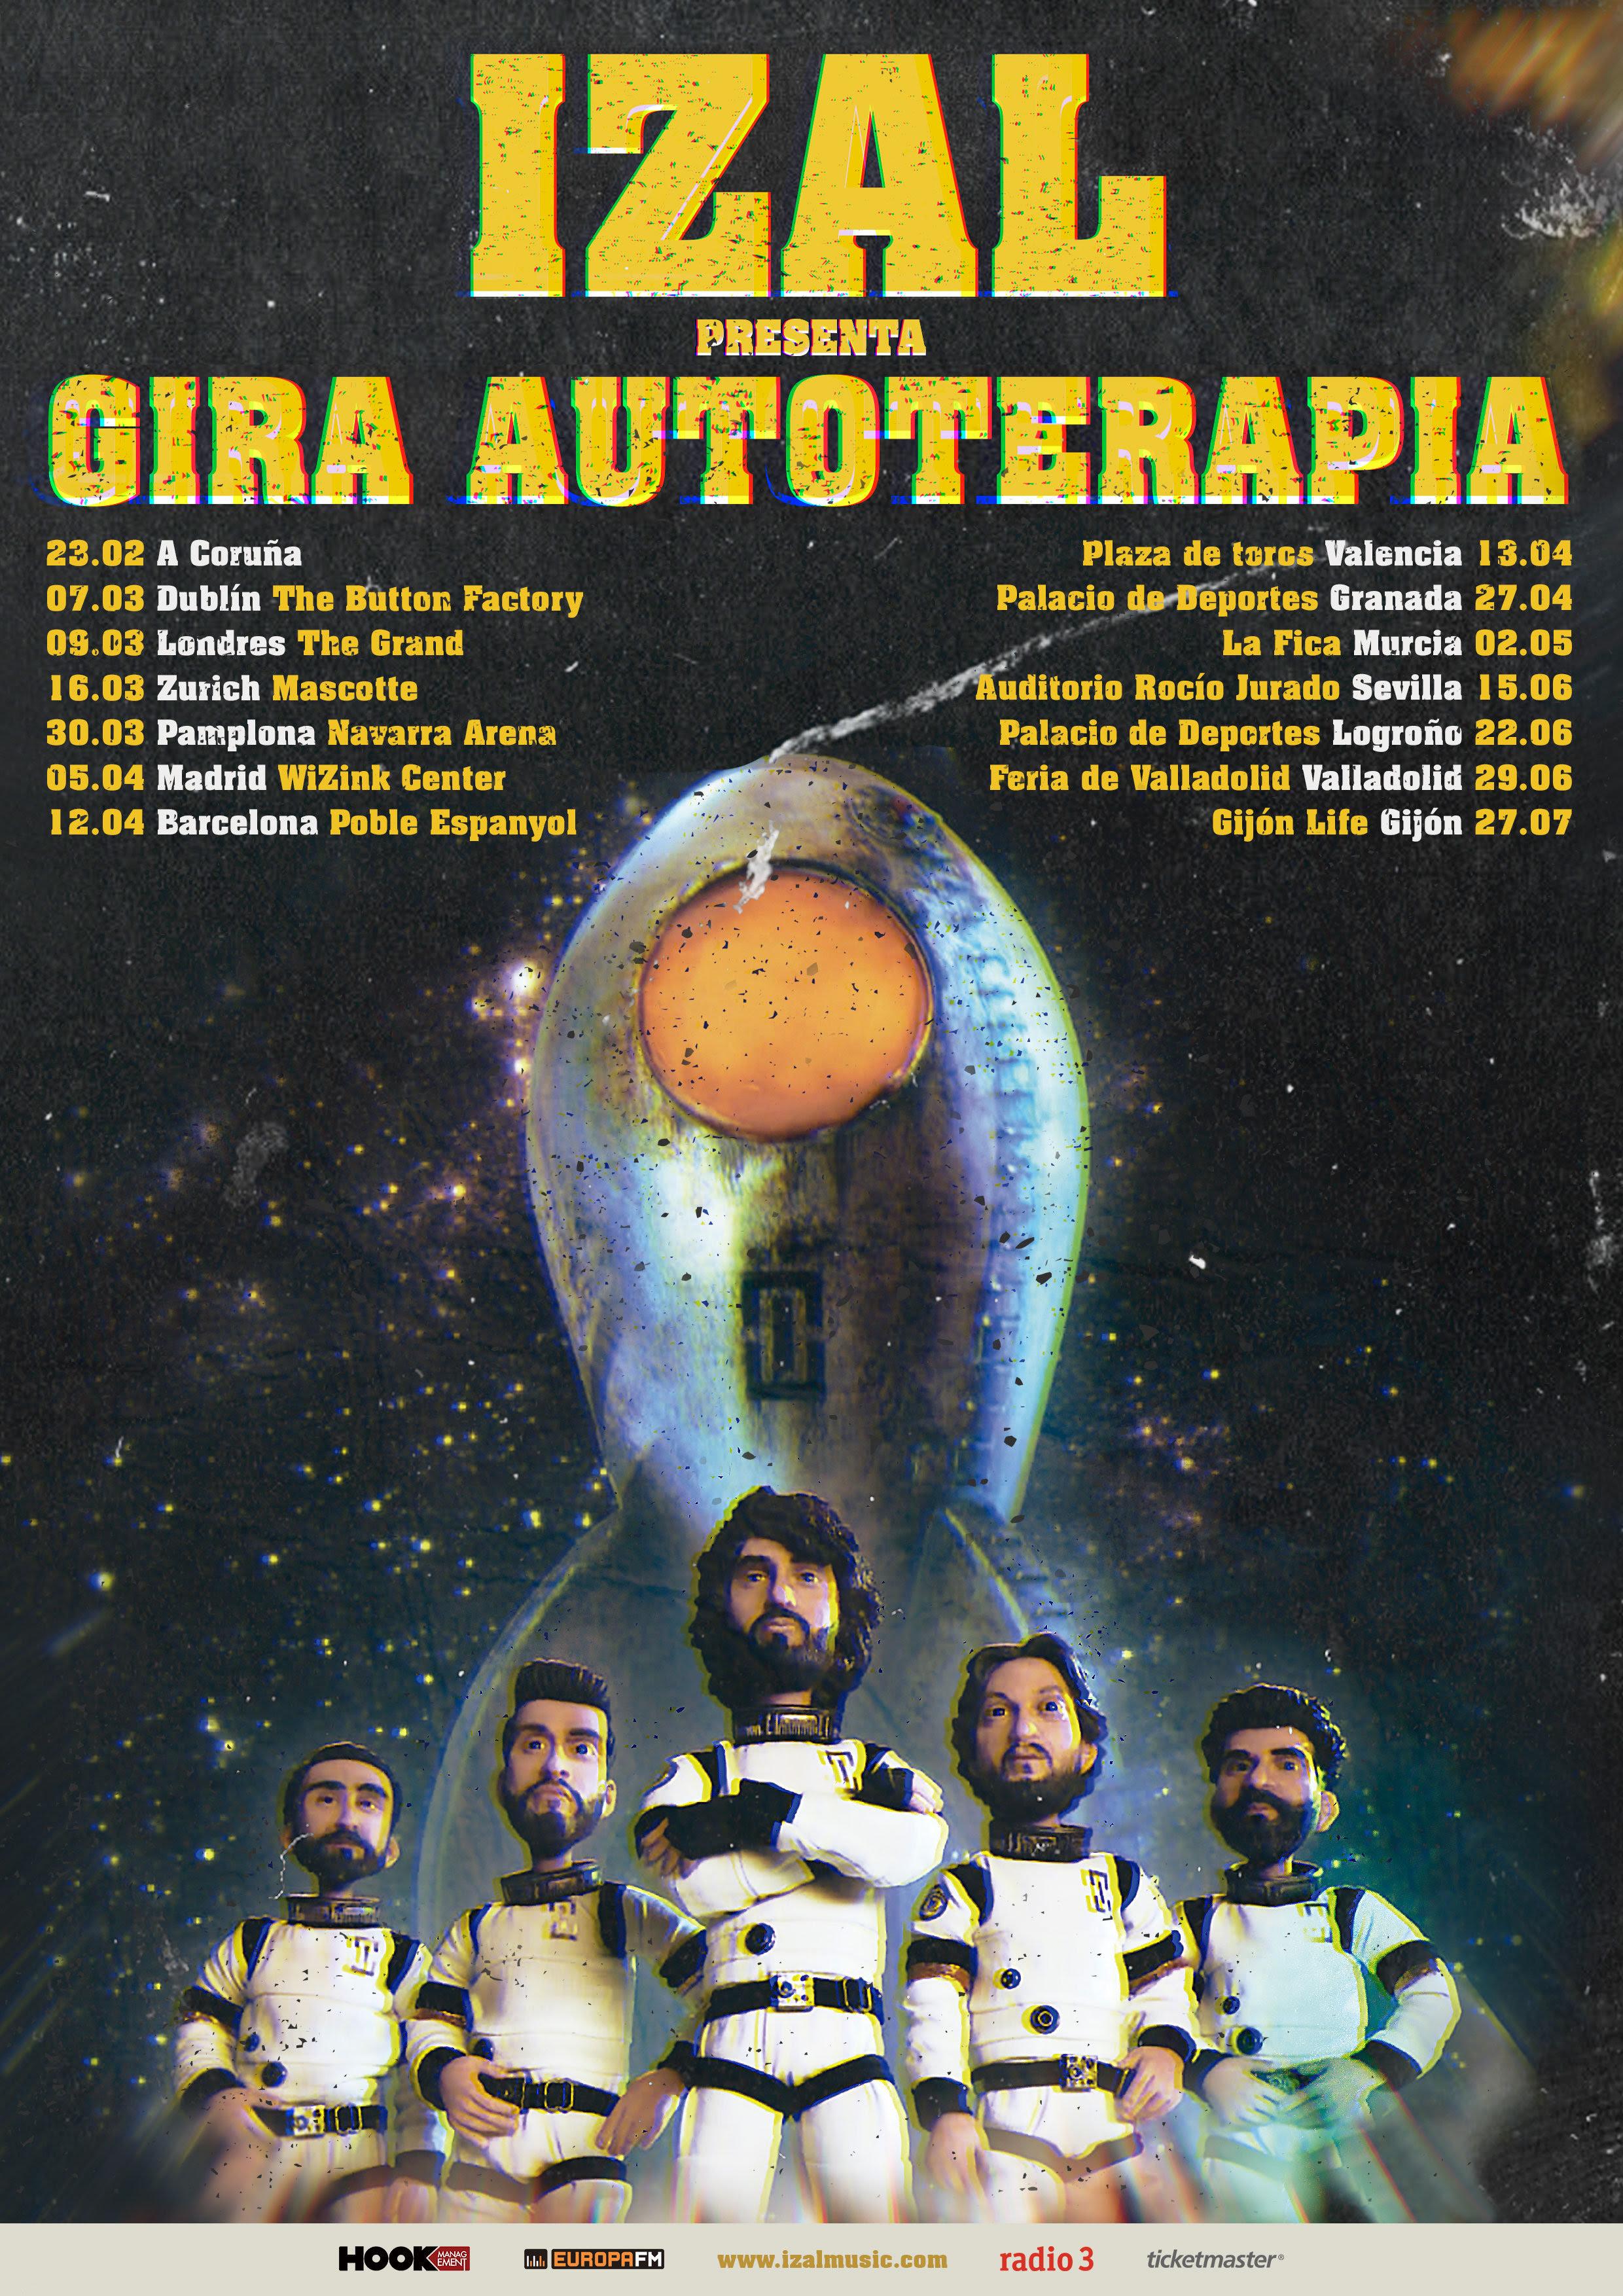 IZAL en concierto en Murcia con su 'Gira Autoterapia'